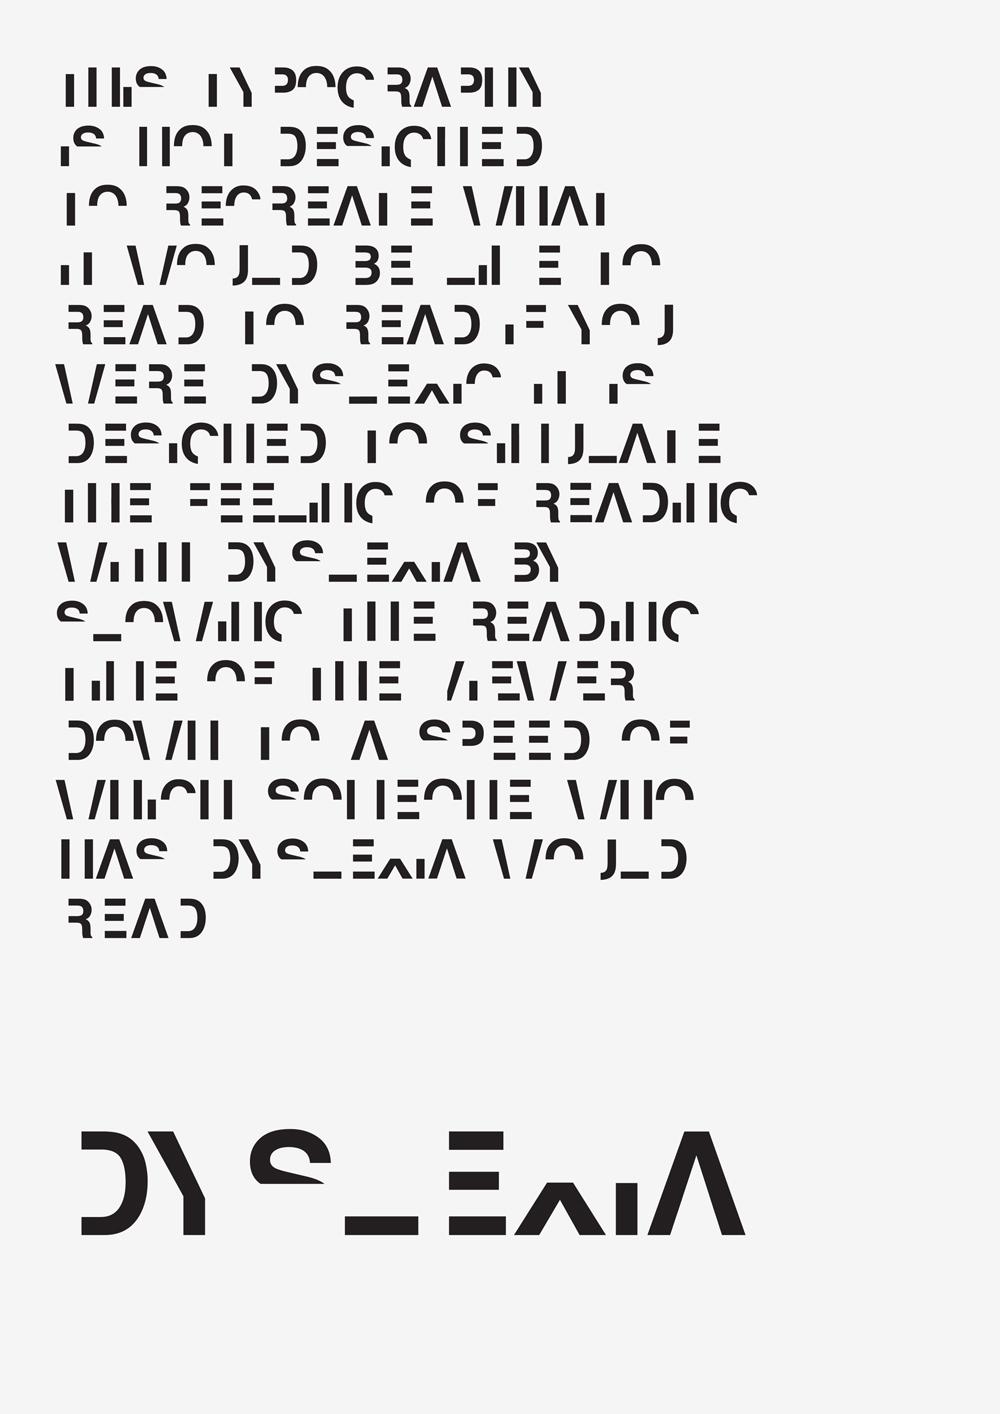 dyslexia_03